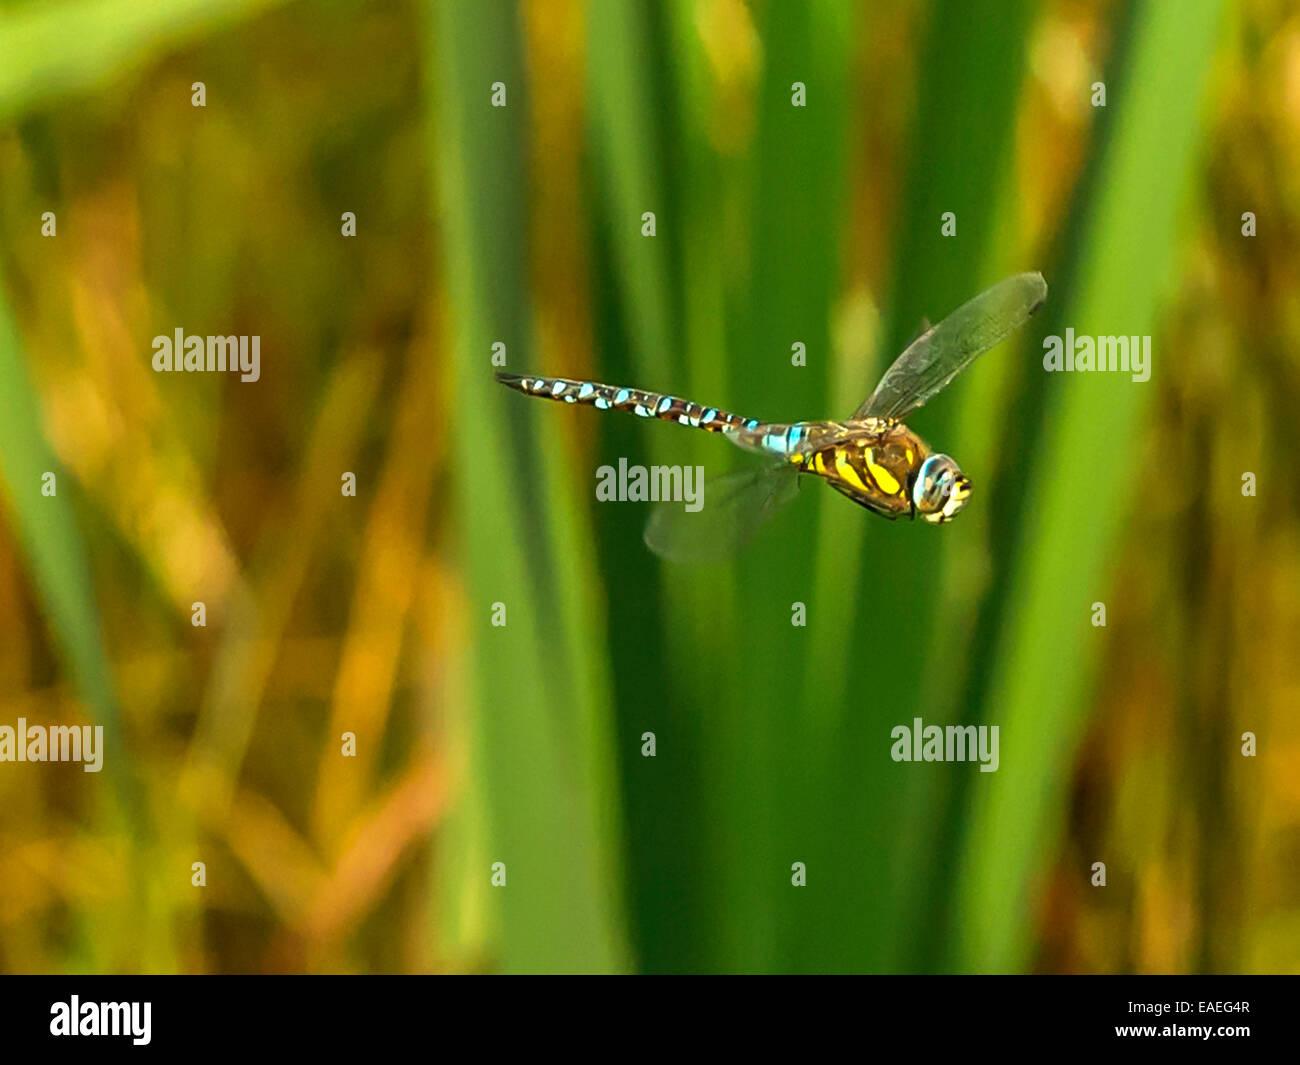 Schön Libelle Malvorlagen Bilder - Malvorlagen Von Tieren - ngadi.info